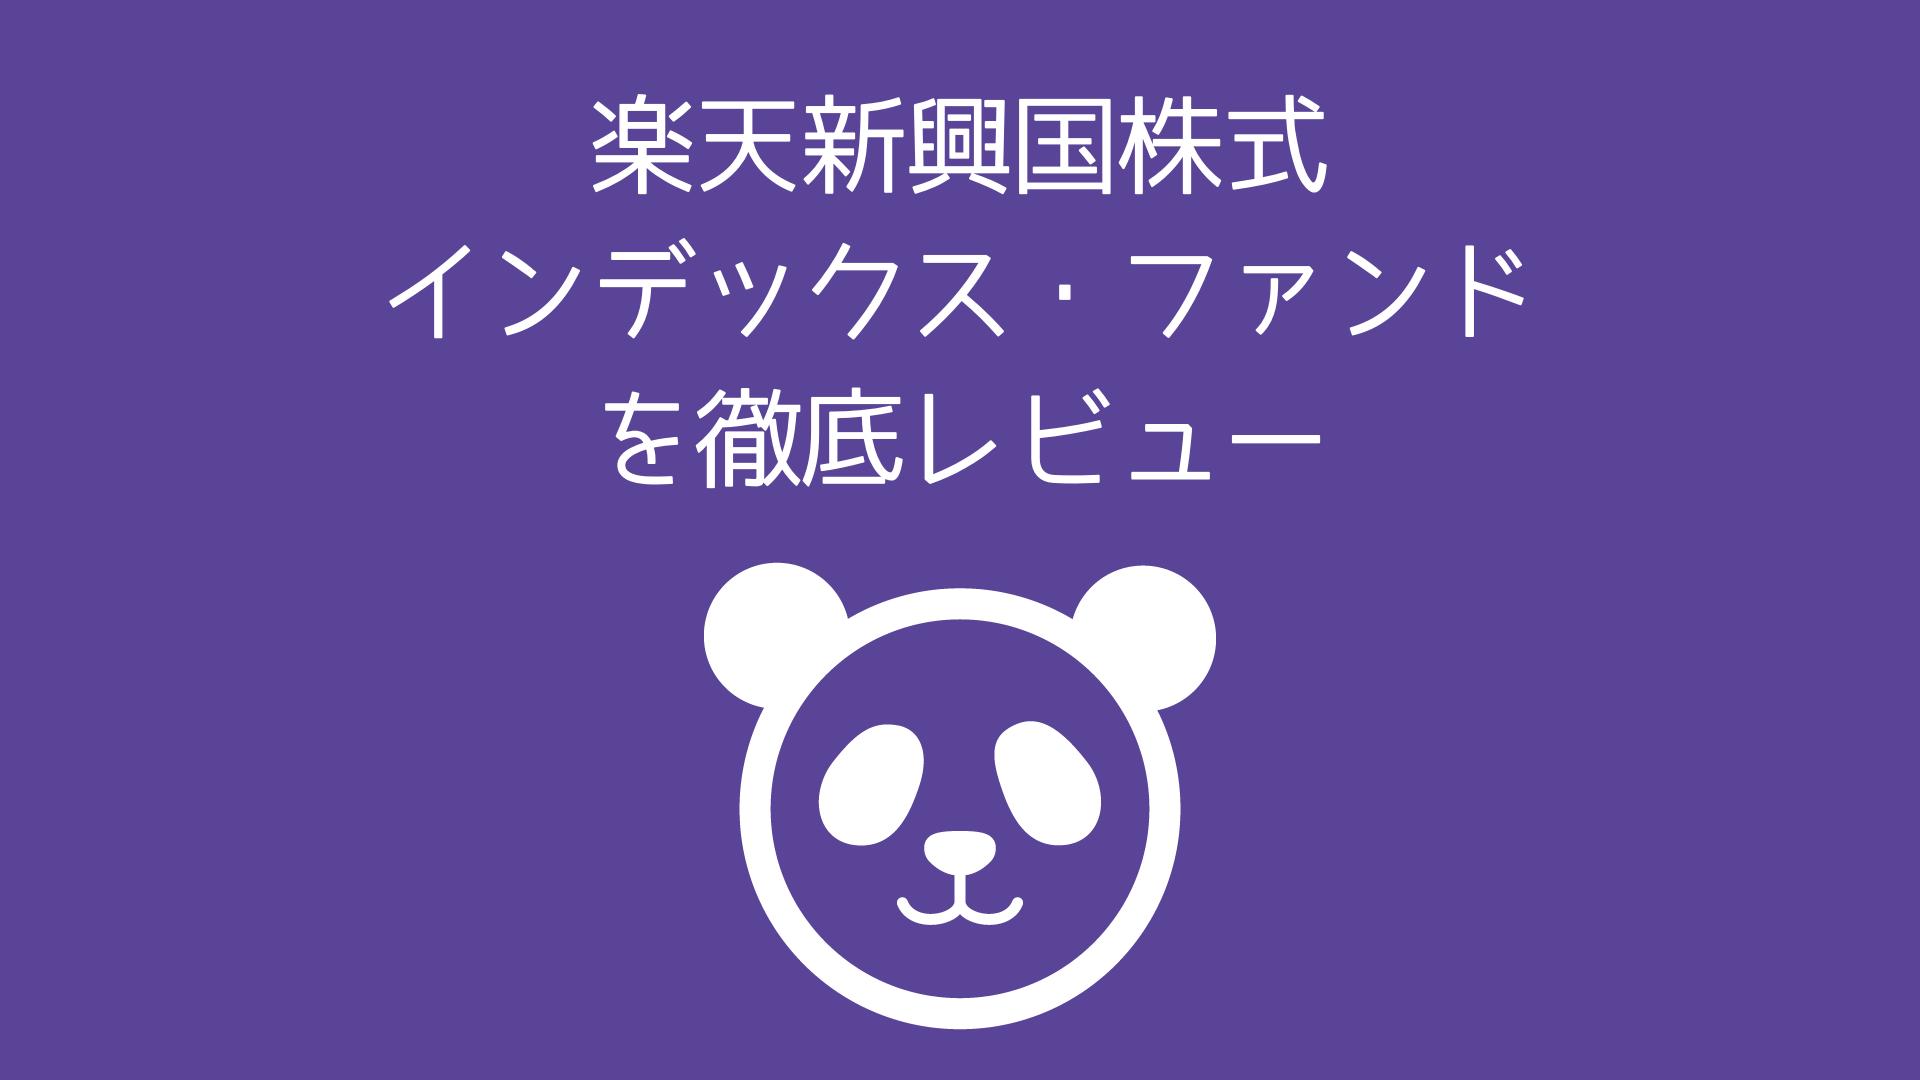 楽天新興国株式インデックス・ファンドを徹底レビュー